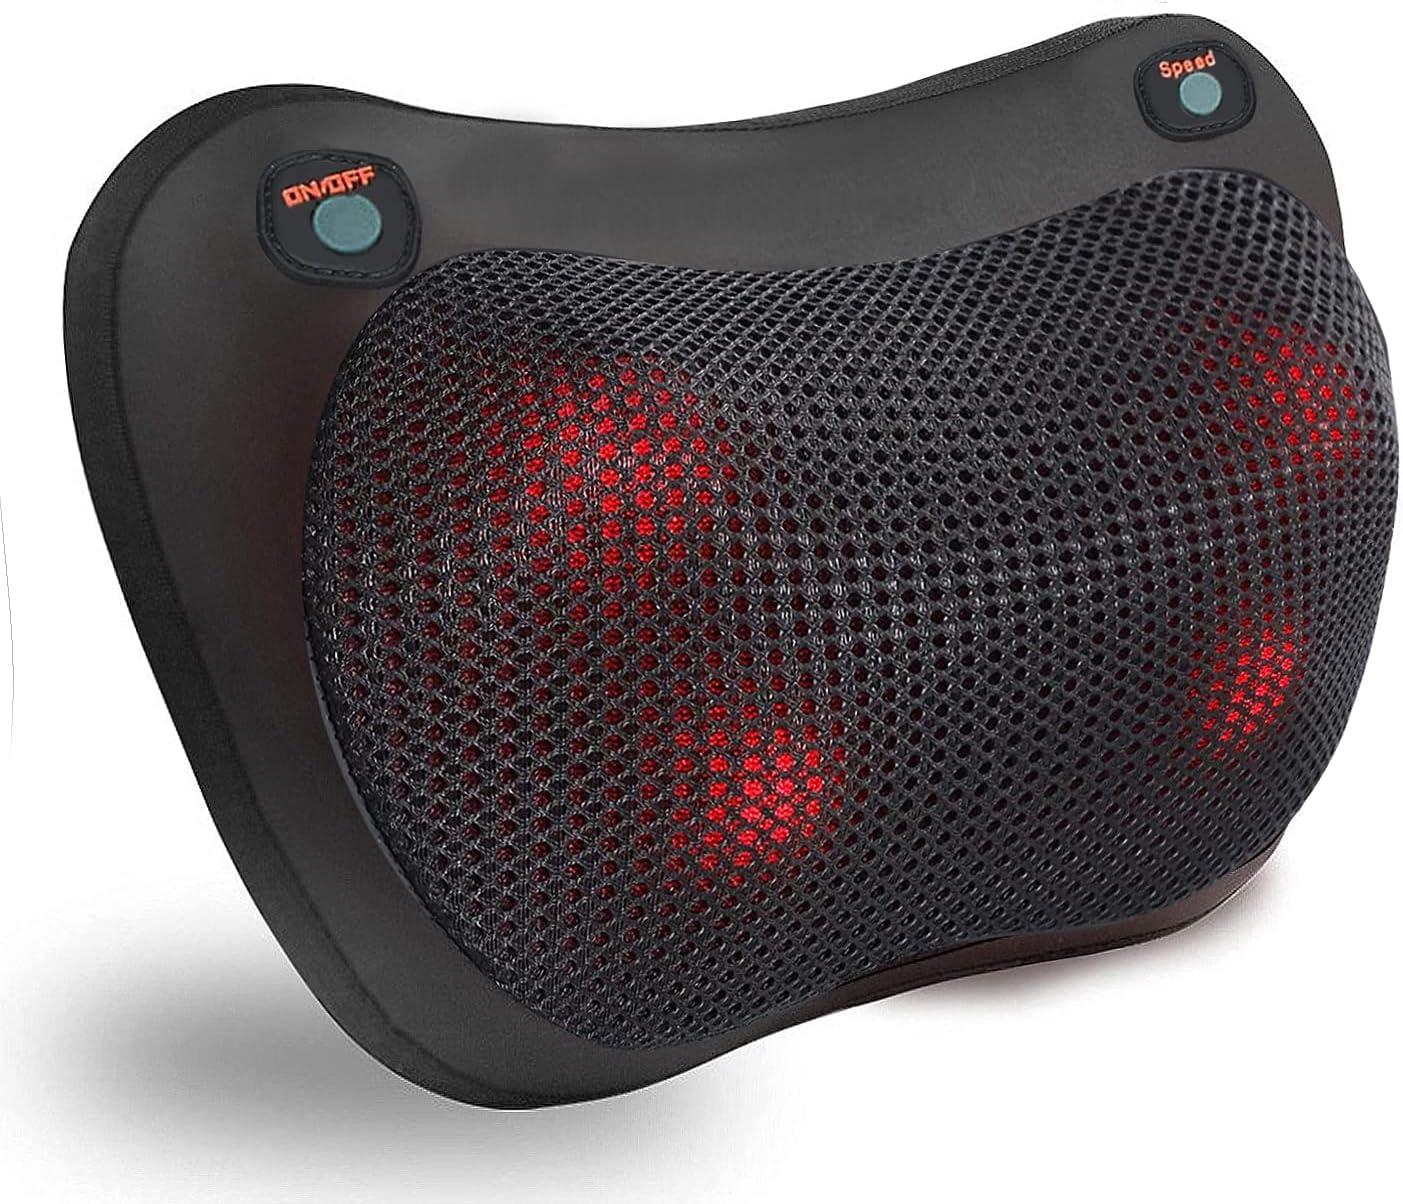 Masajeador cervical YongGe con calor y rotación 3D por 20,34€ usando el #código: FYSBYIS2